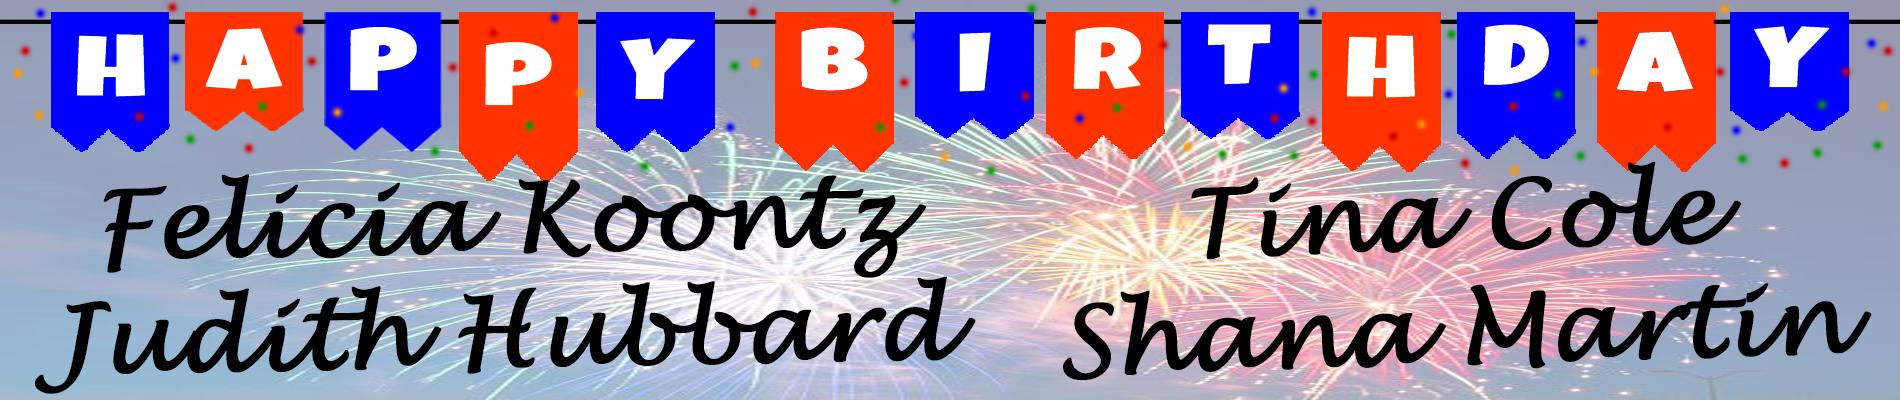 July Birthday Banner